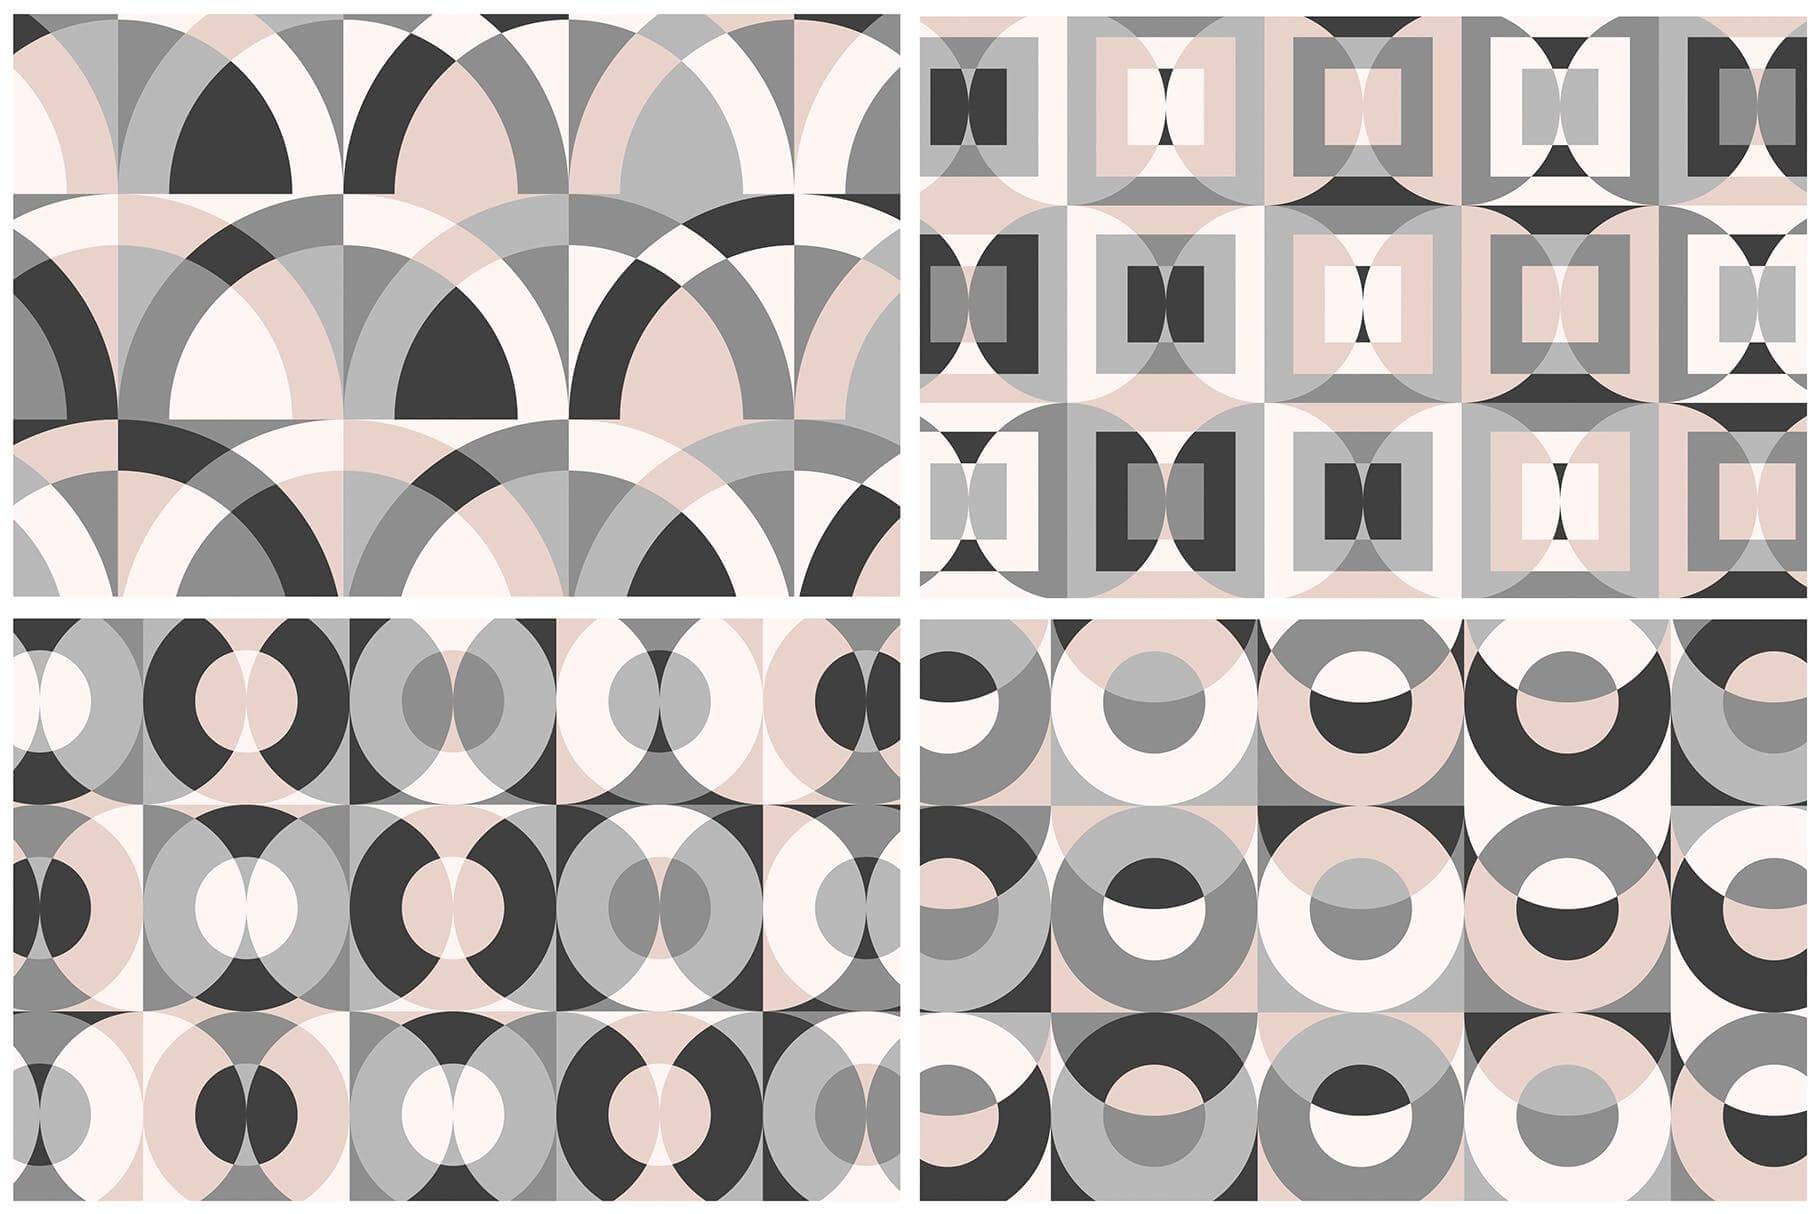 布艺面料装饰纹理图案花纹品牌辅助图形Geometric Play Patterns Tiles插图(11)